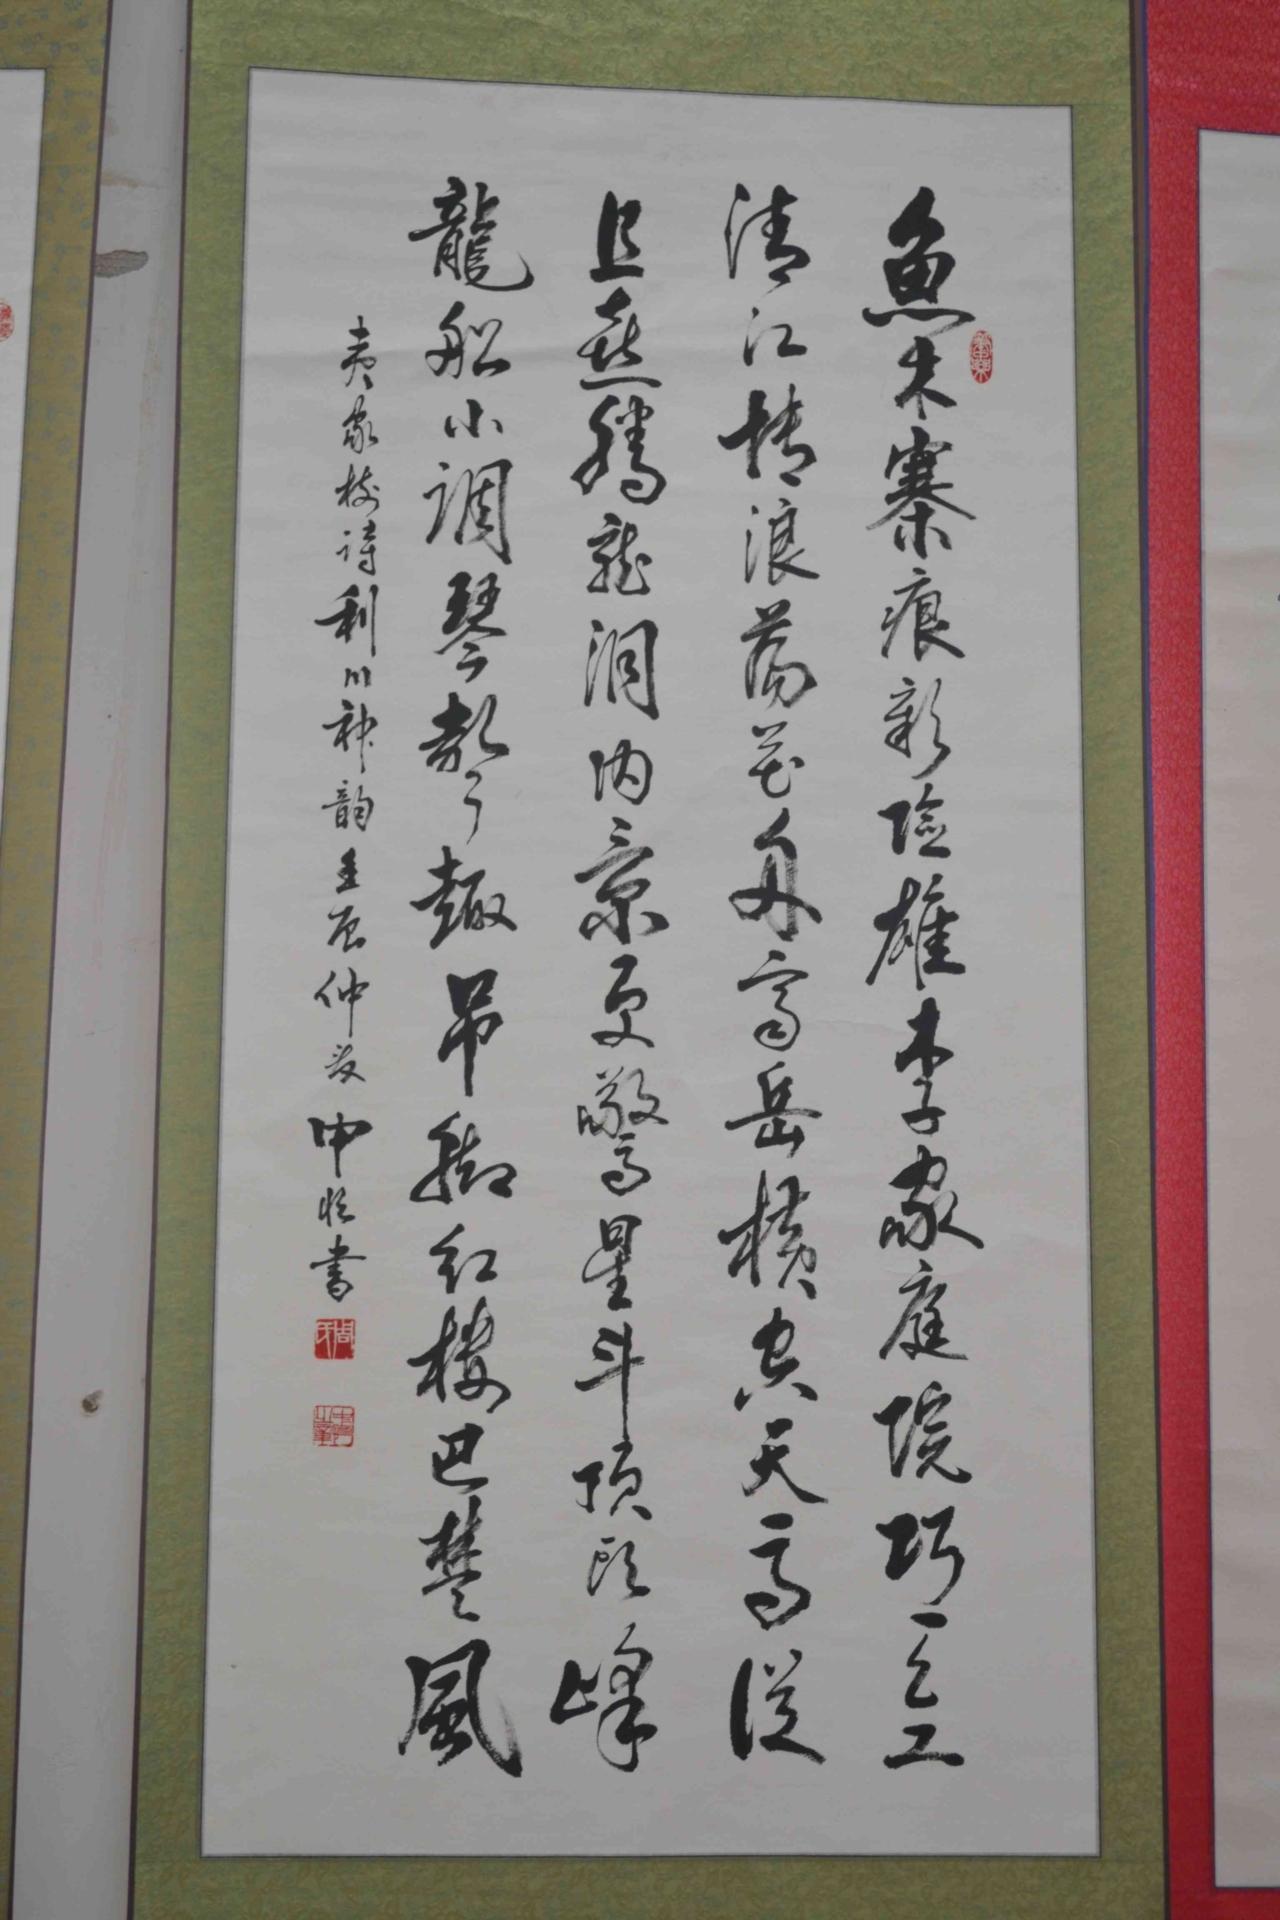 锦绣利川百幅诗词书画作品大家评【13】